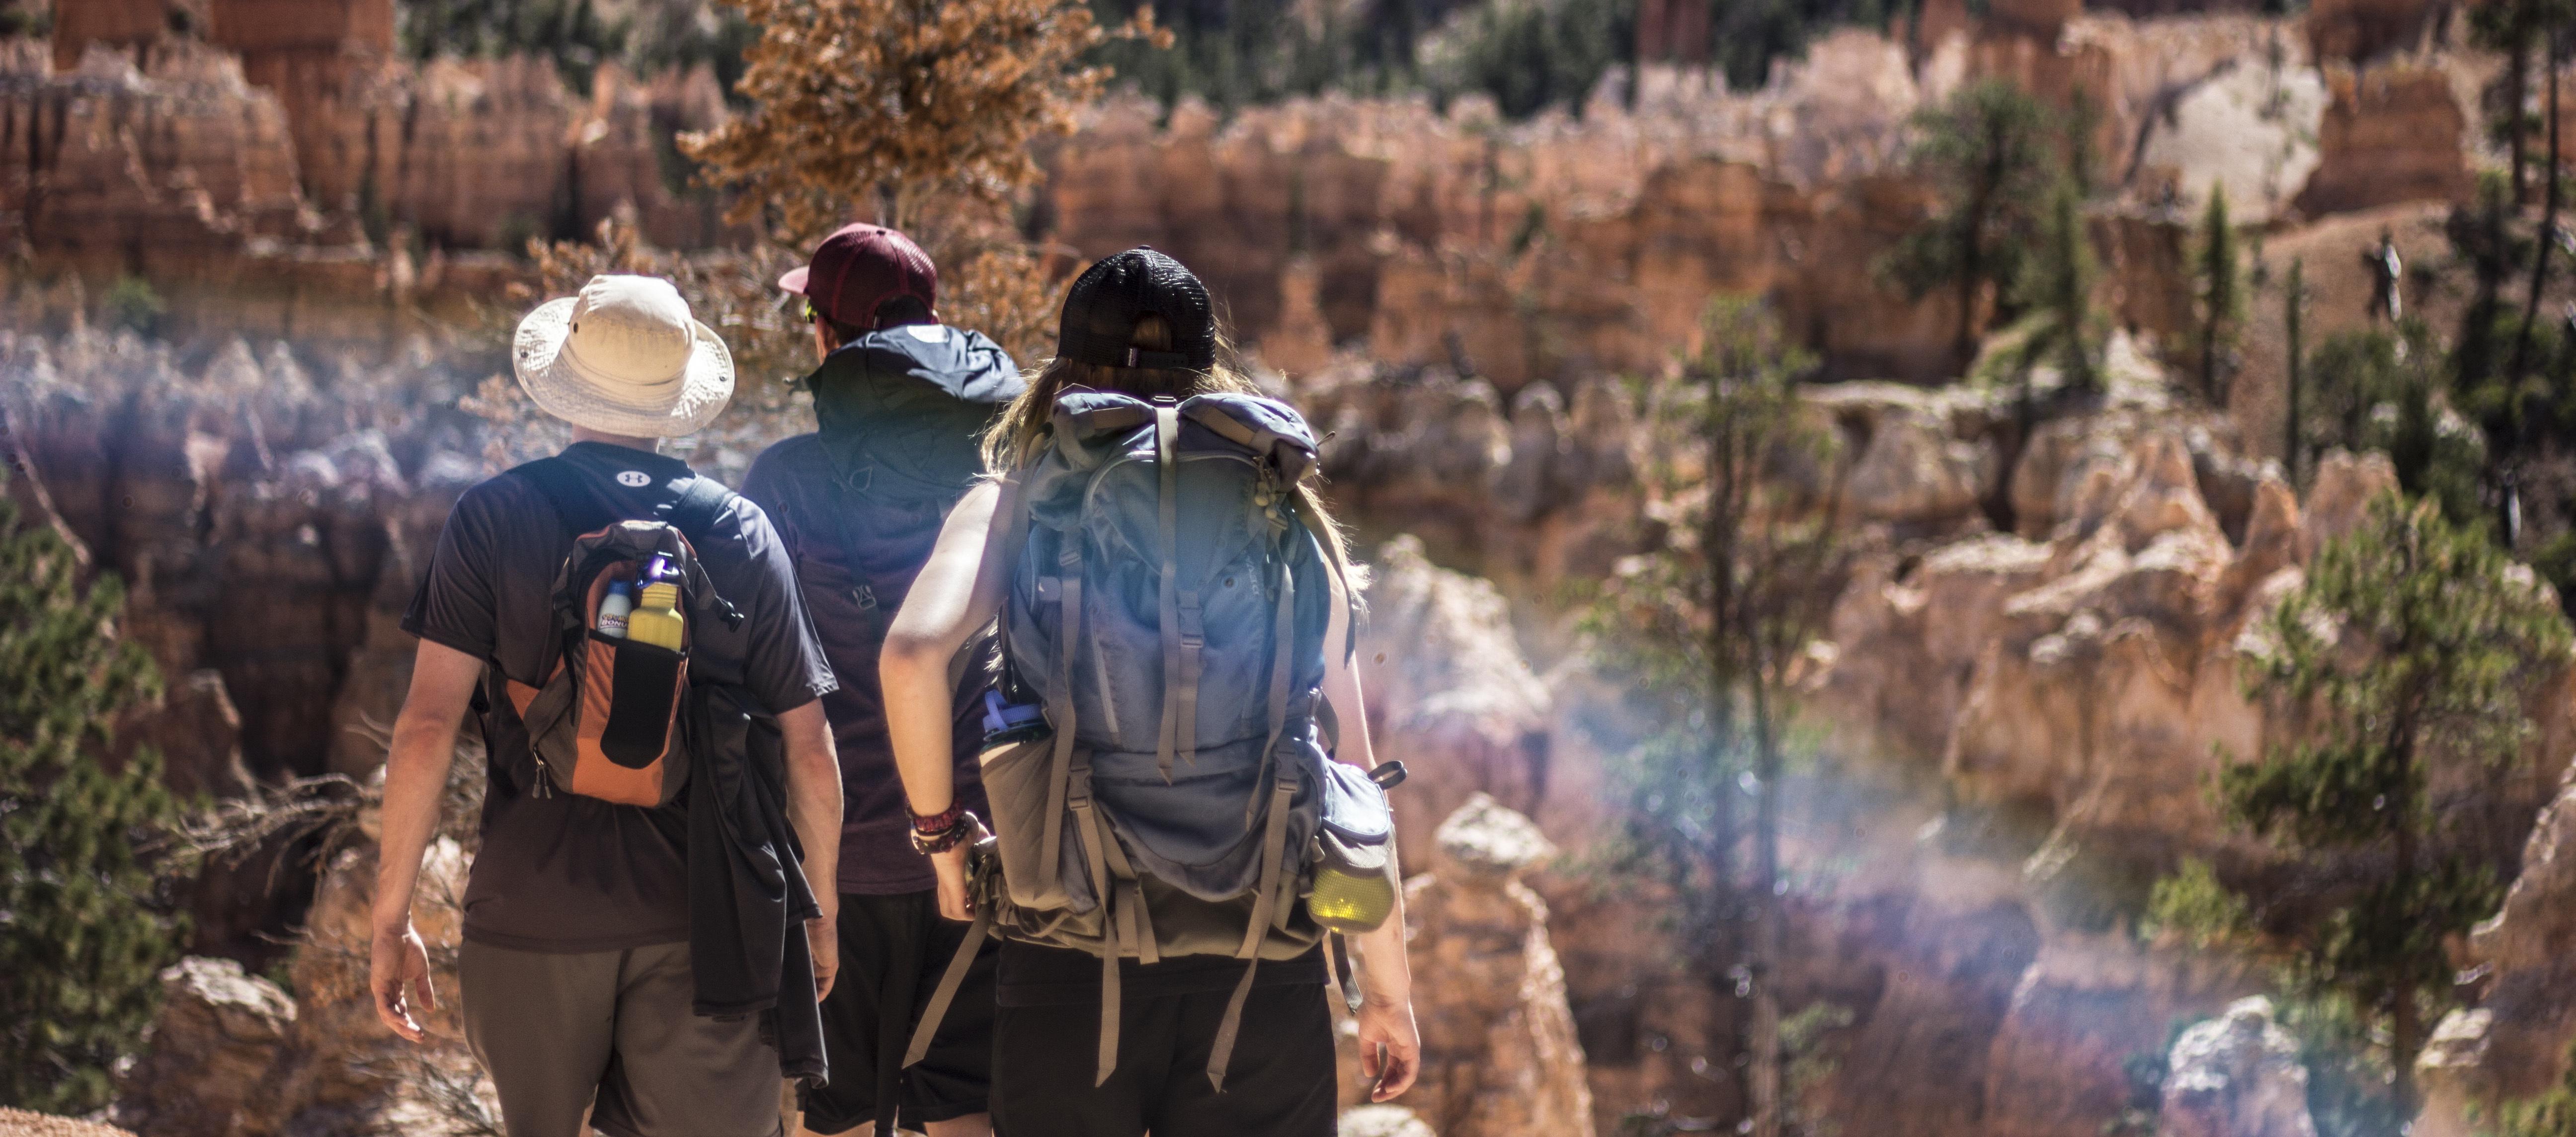 Rucsacul drumețului- lucruri pe care trebuie să le ai pe munte